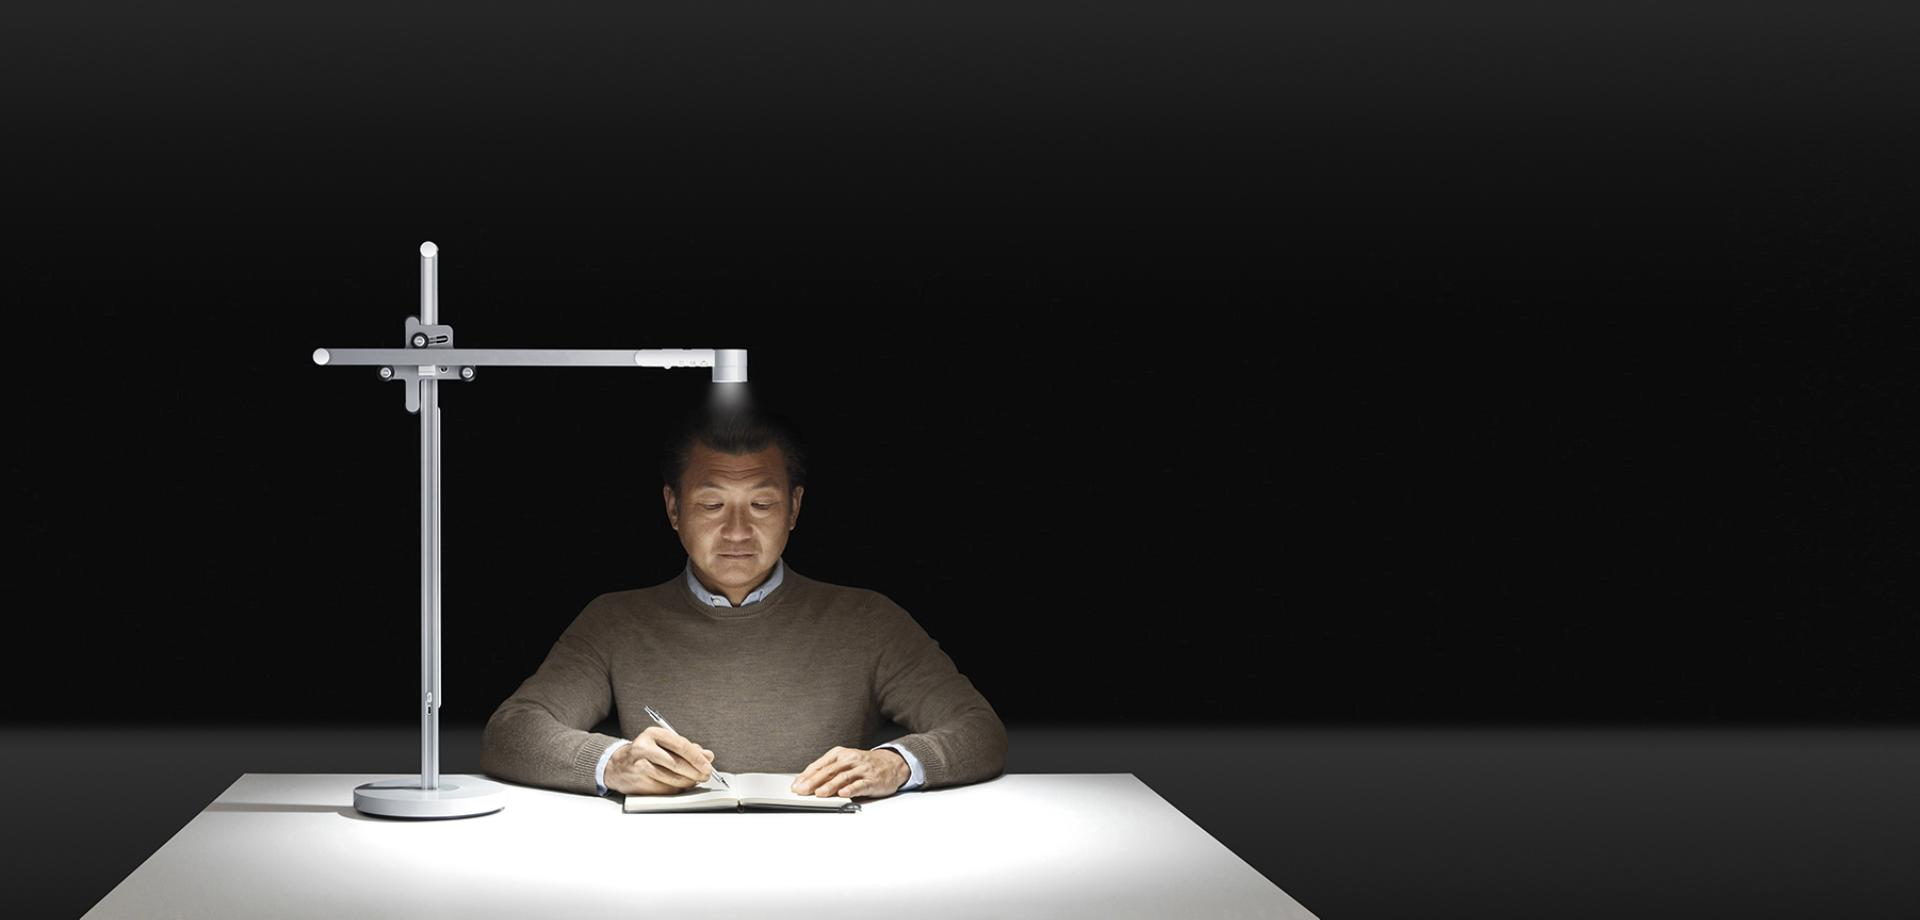 밝은 빛 아래서 글을 읽는 중년 남성